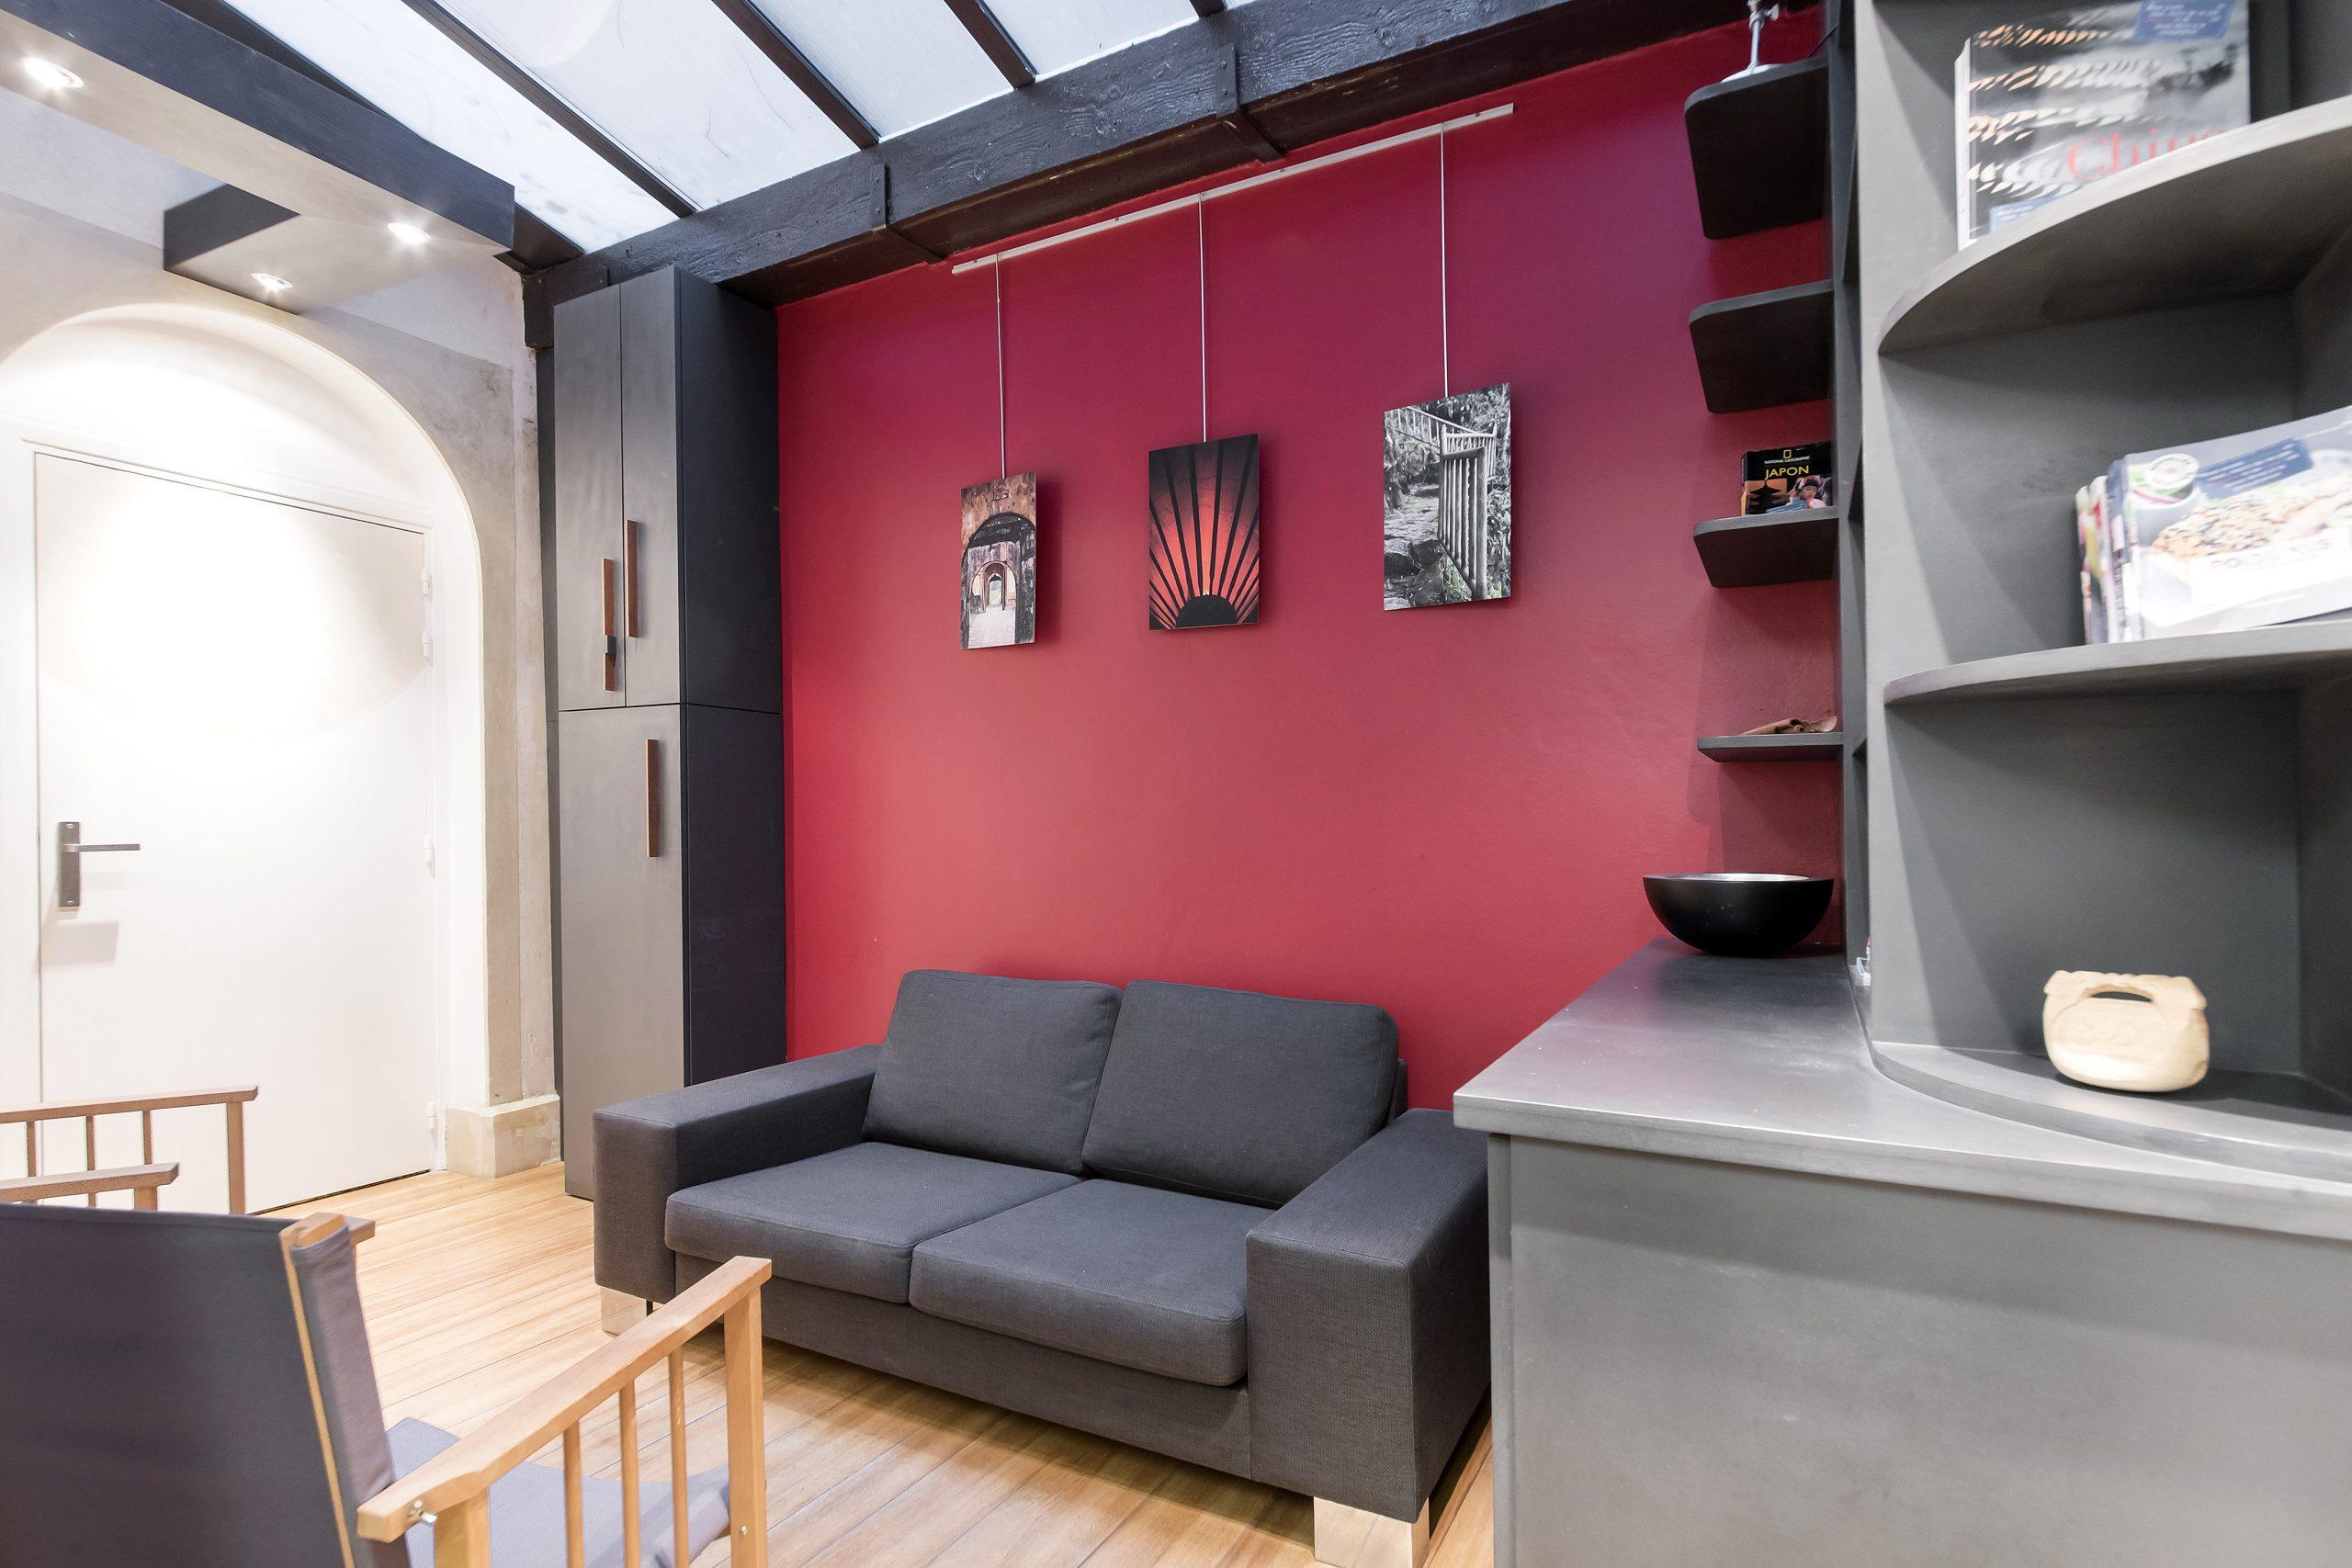 Un mur rouge chaleureux accompagne une bibliothèque et le canapé